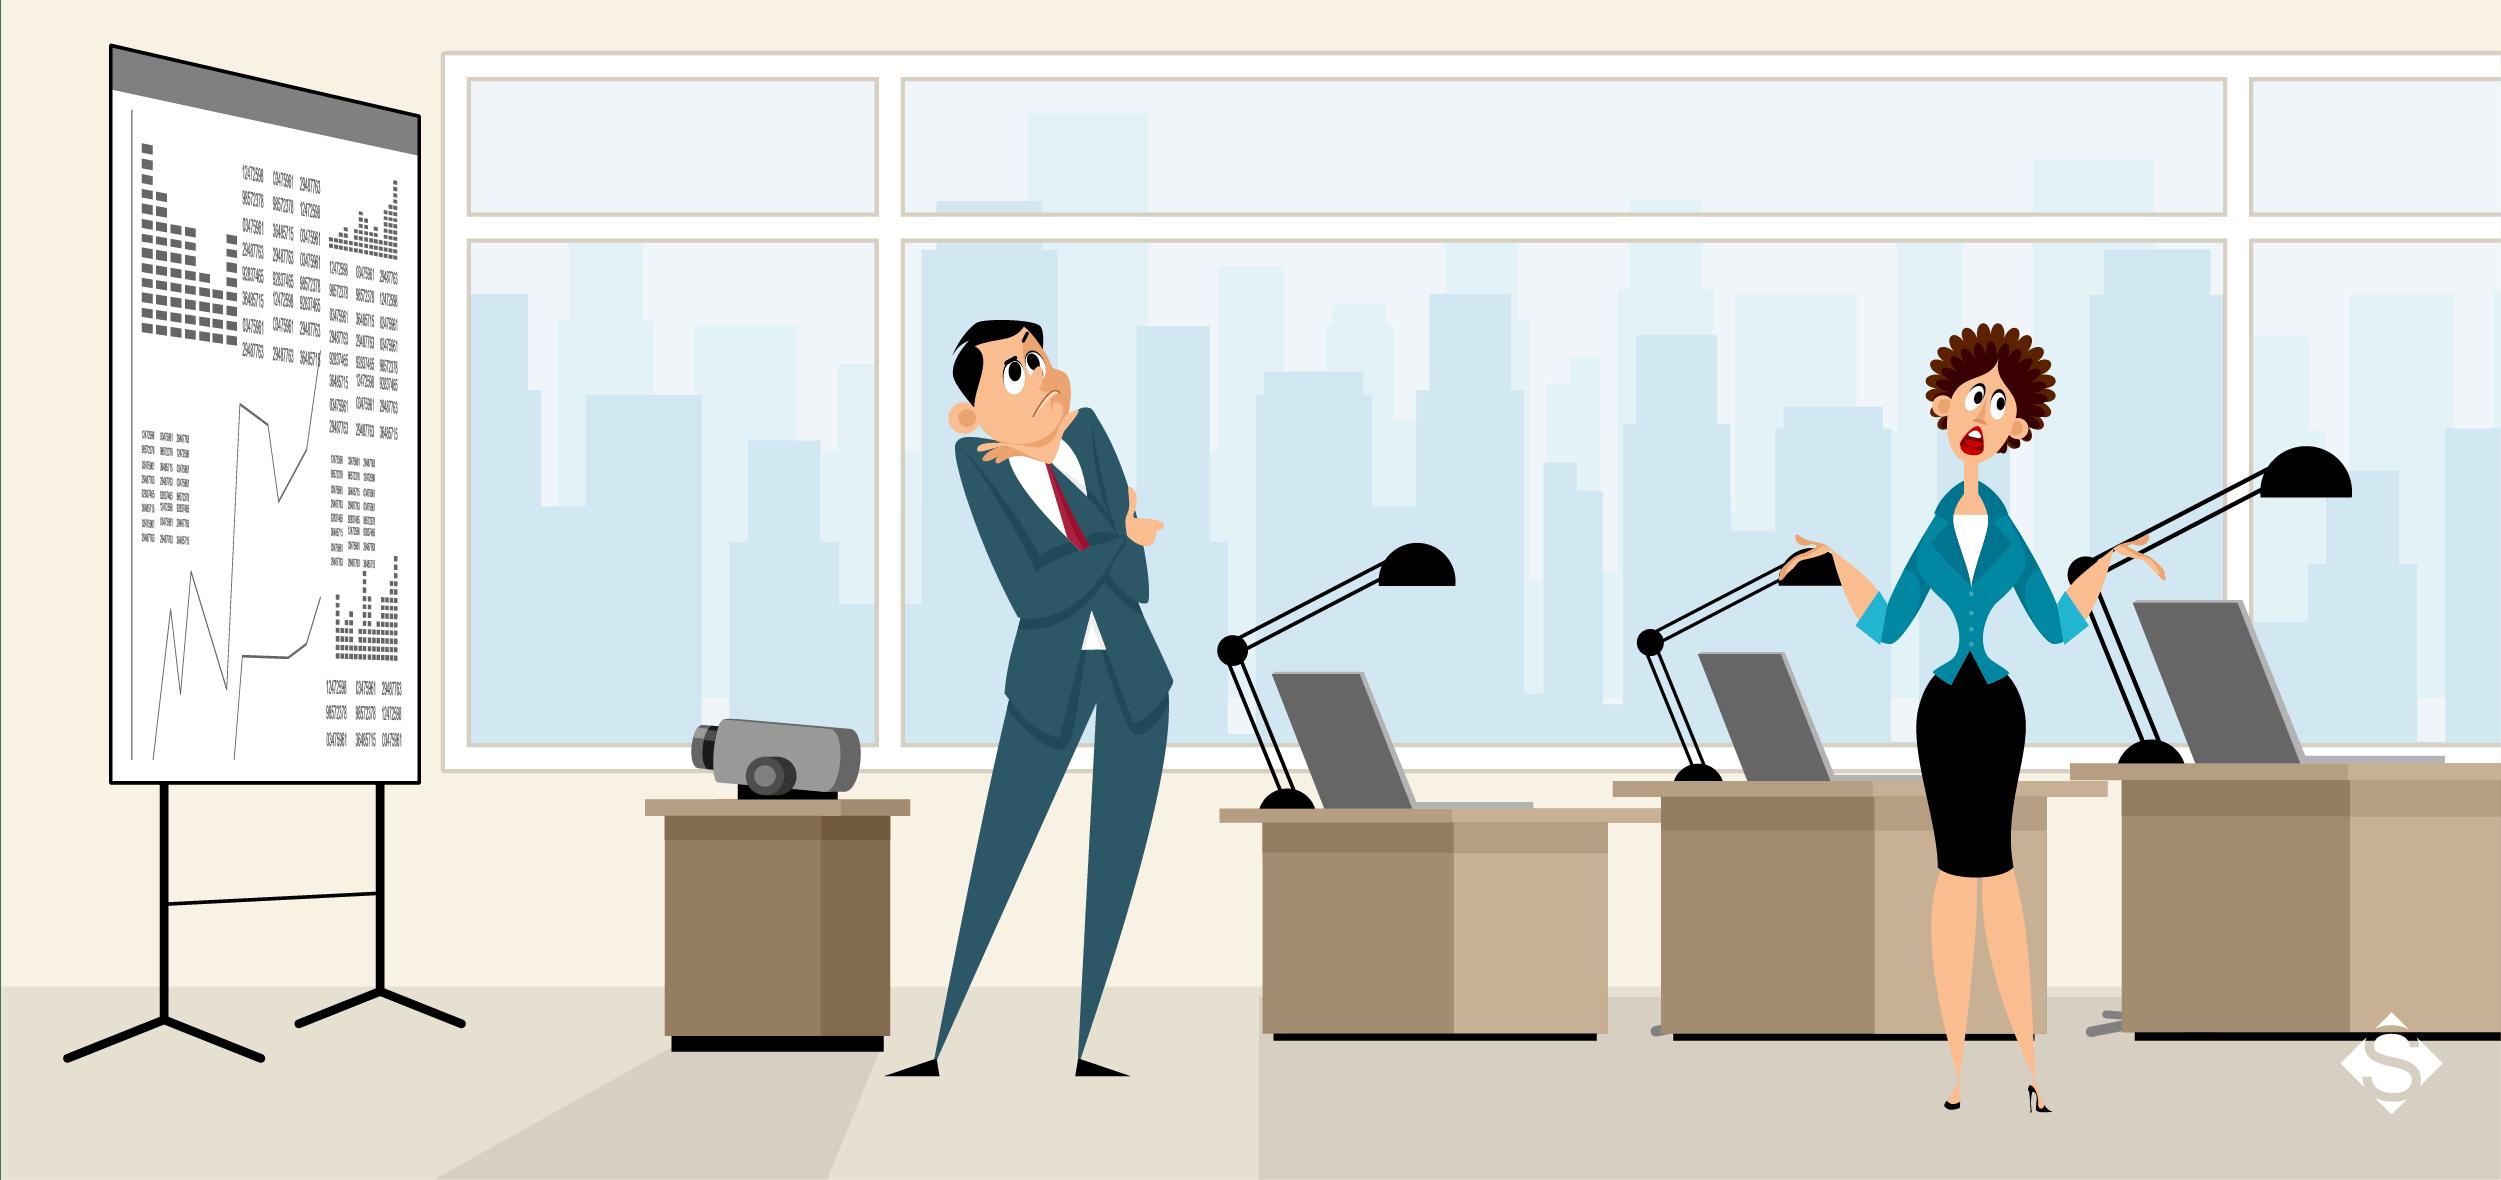 ilustração de pessoas em um escritório, representando todas as principais duvidas sobre o processo de abrir empresa